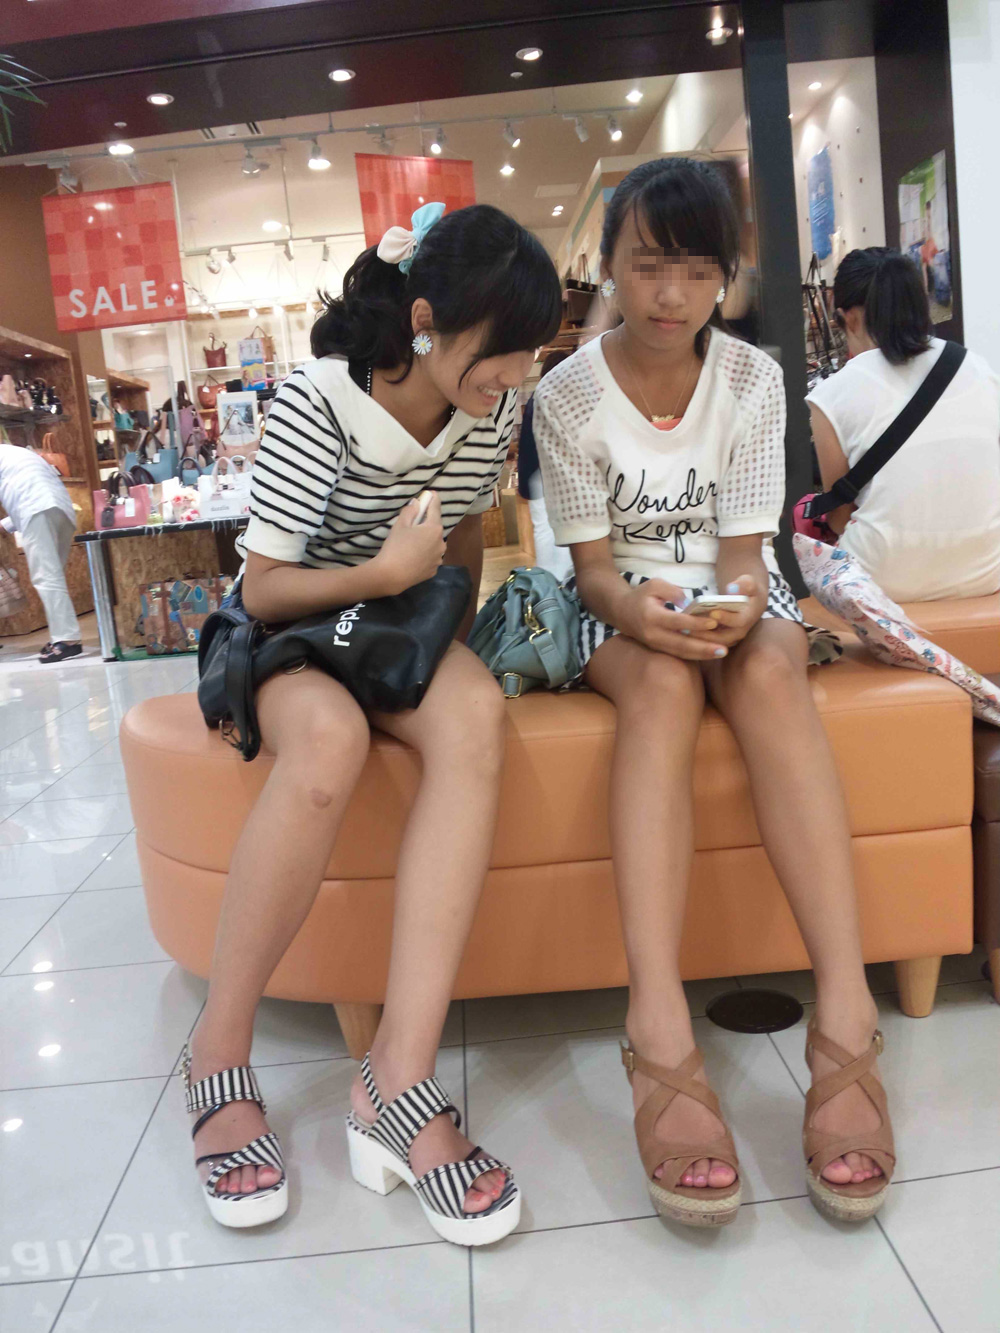 ショッピングモールでJS達の生足を隠し撮り!